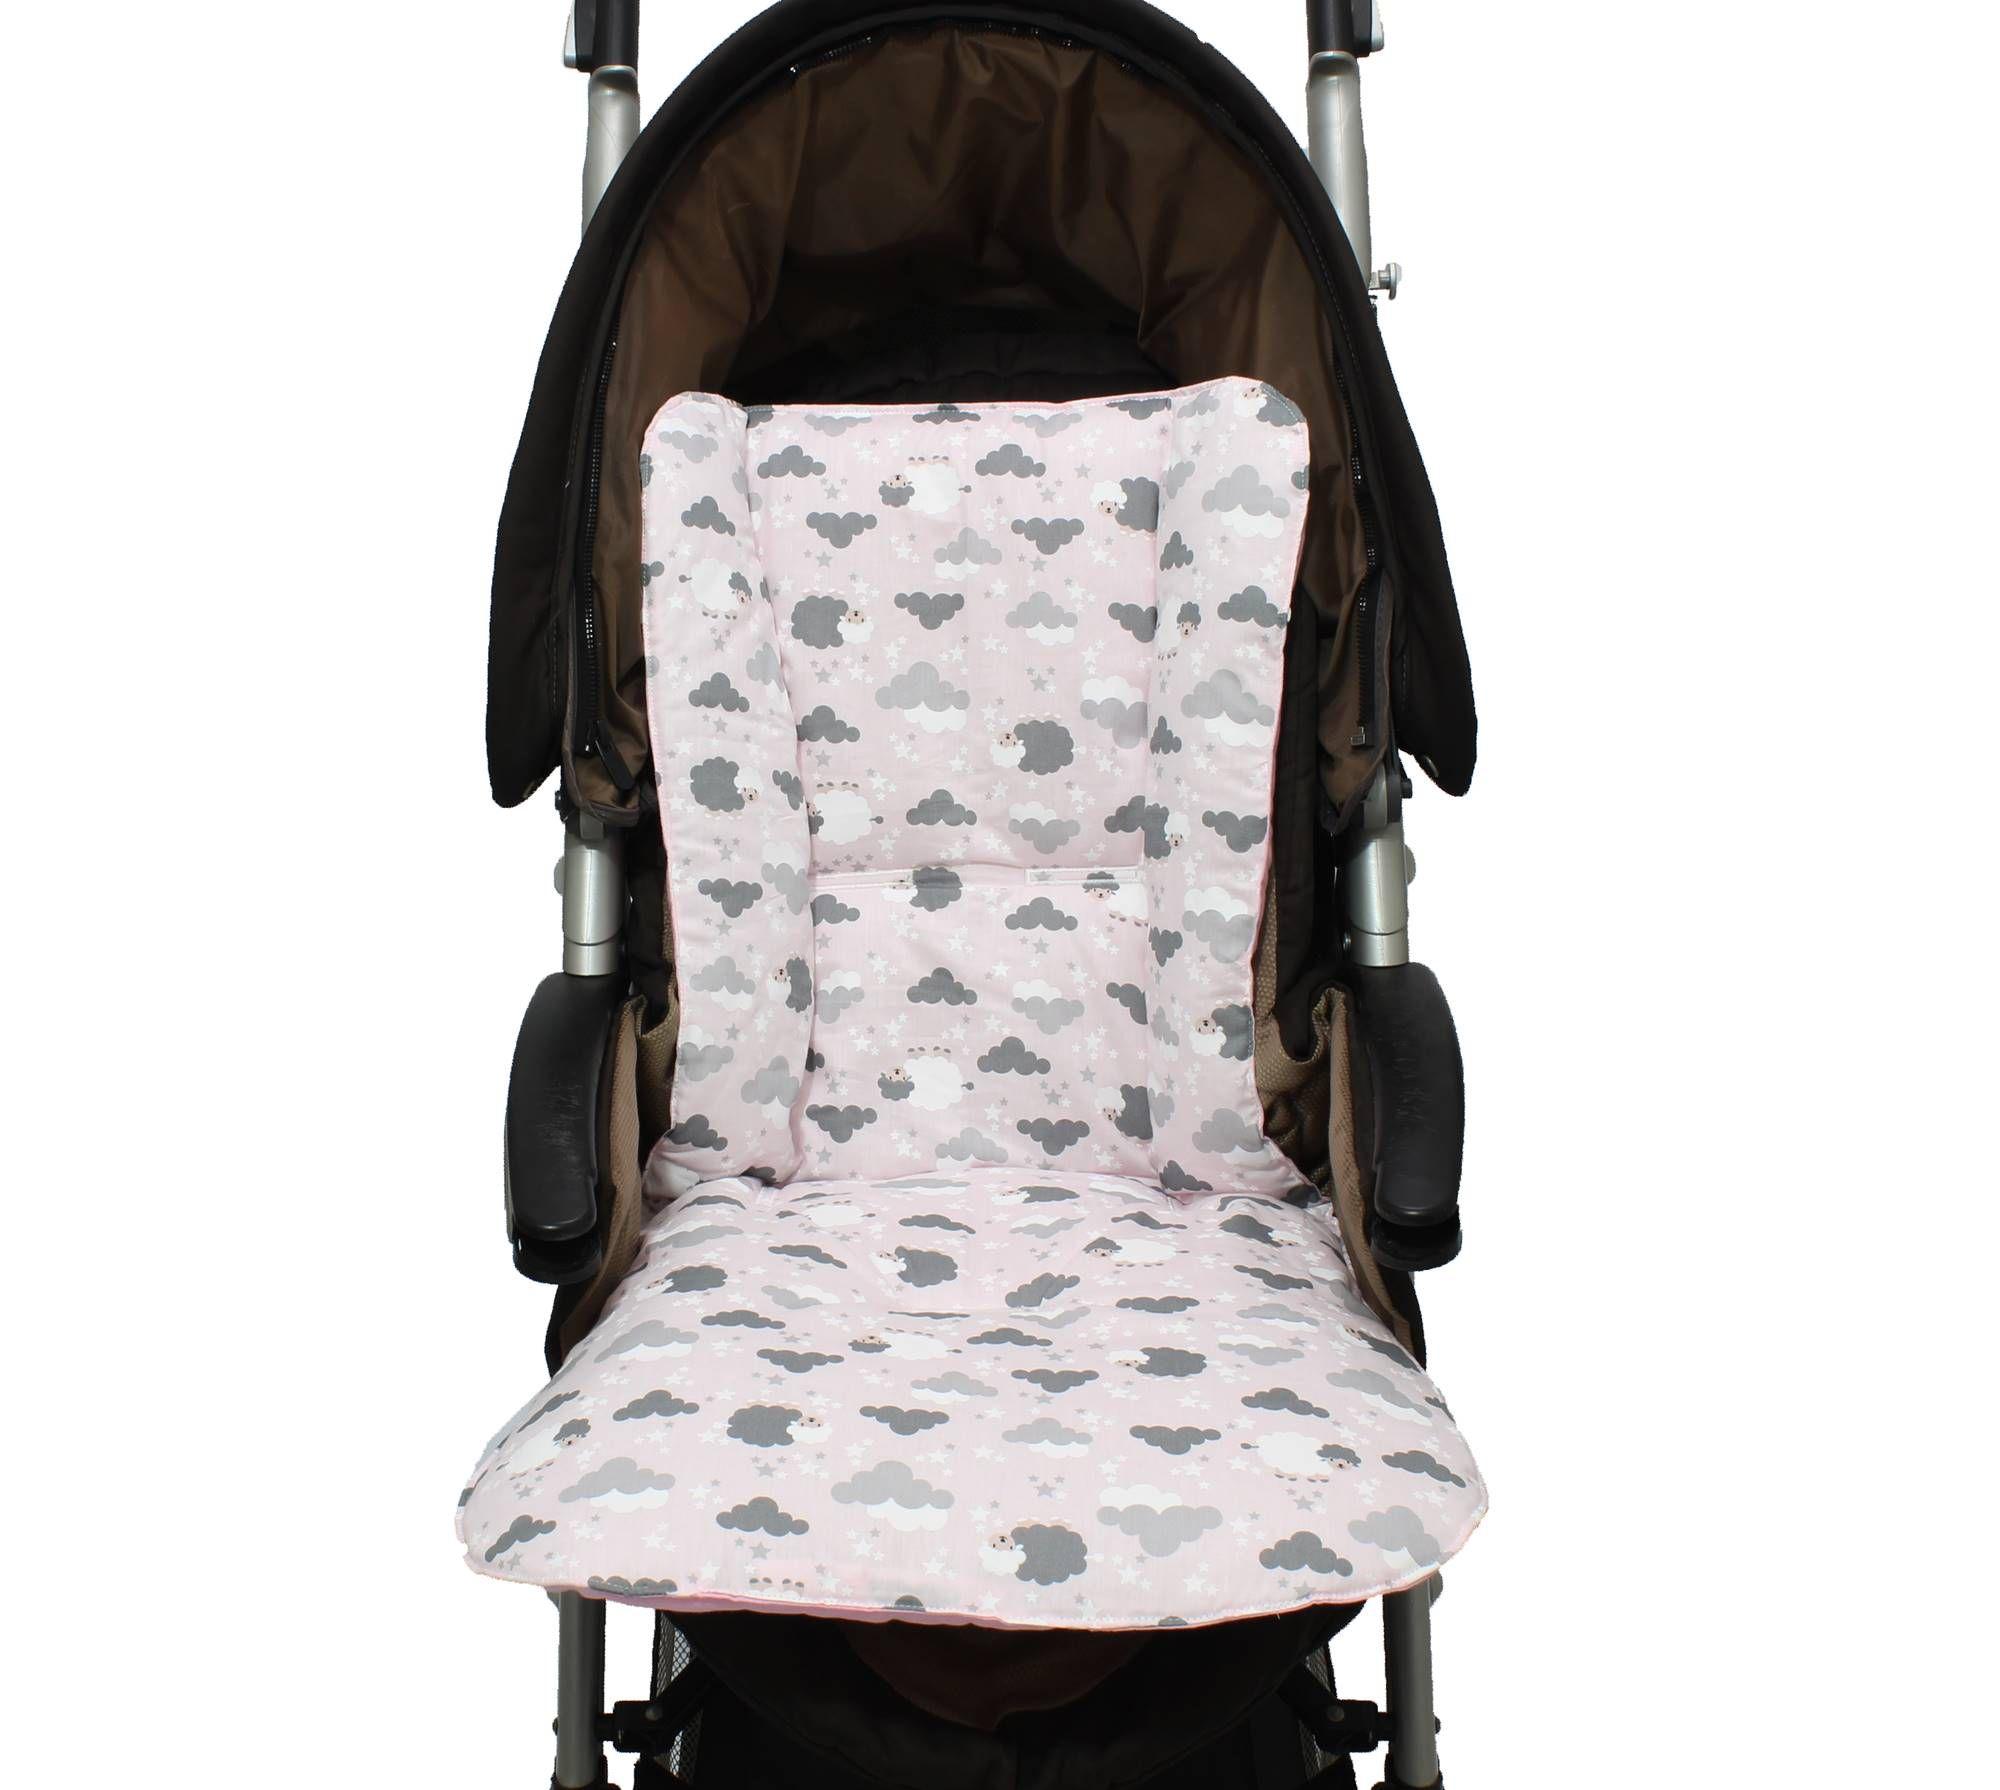 Capa de Carrinho Dupla Face Ovelha Rosa  - Toca do Bebê